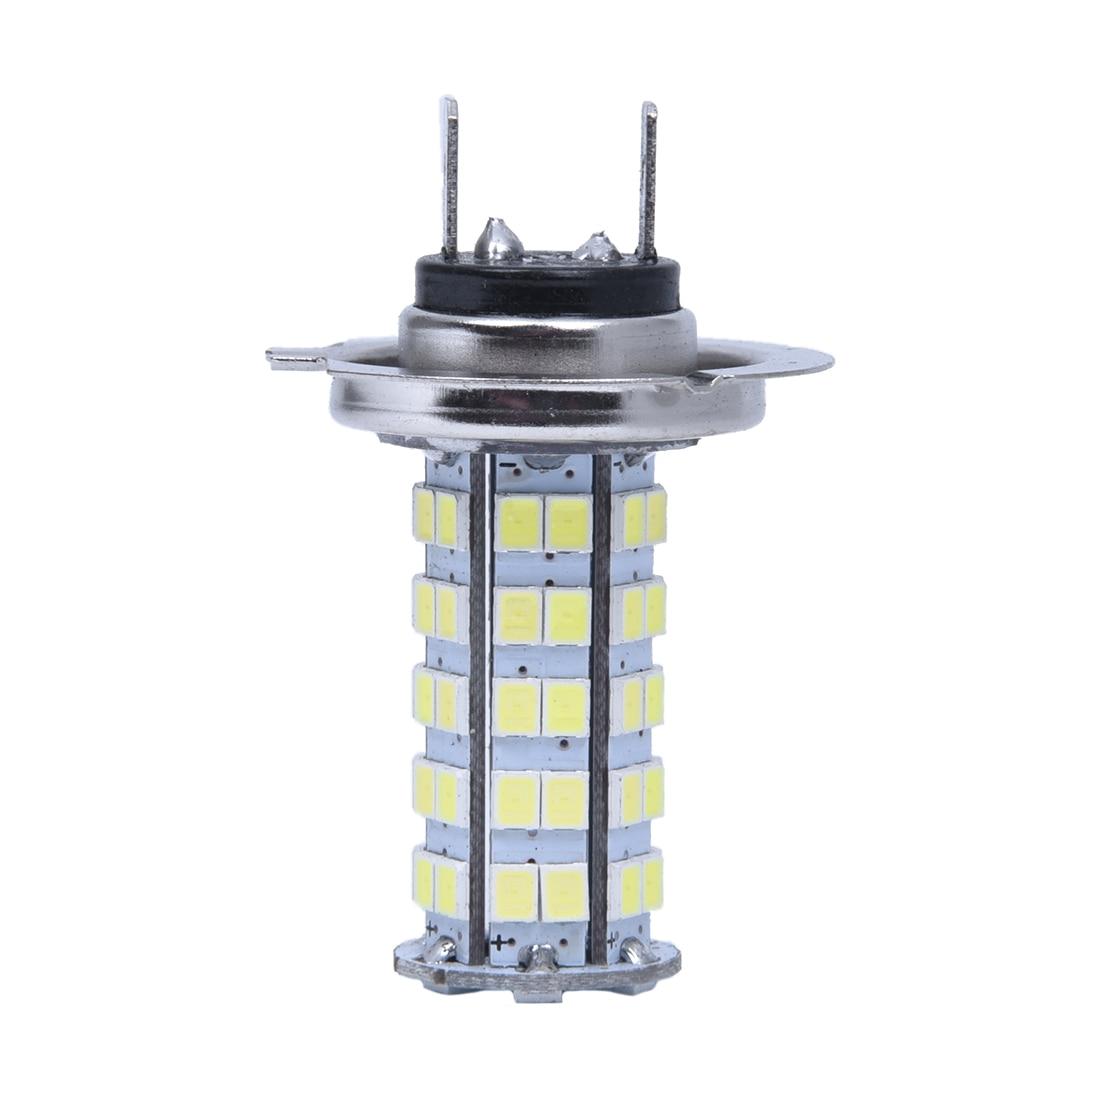 lamp bulb h7 3528 smd 68 led white 12v for car in car. Black Bedroom Furniture Sets. Home Design Ideas